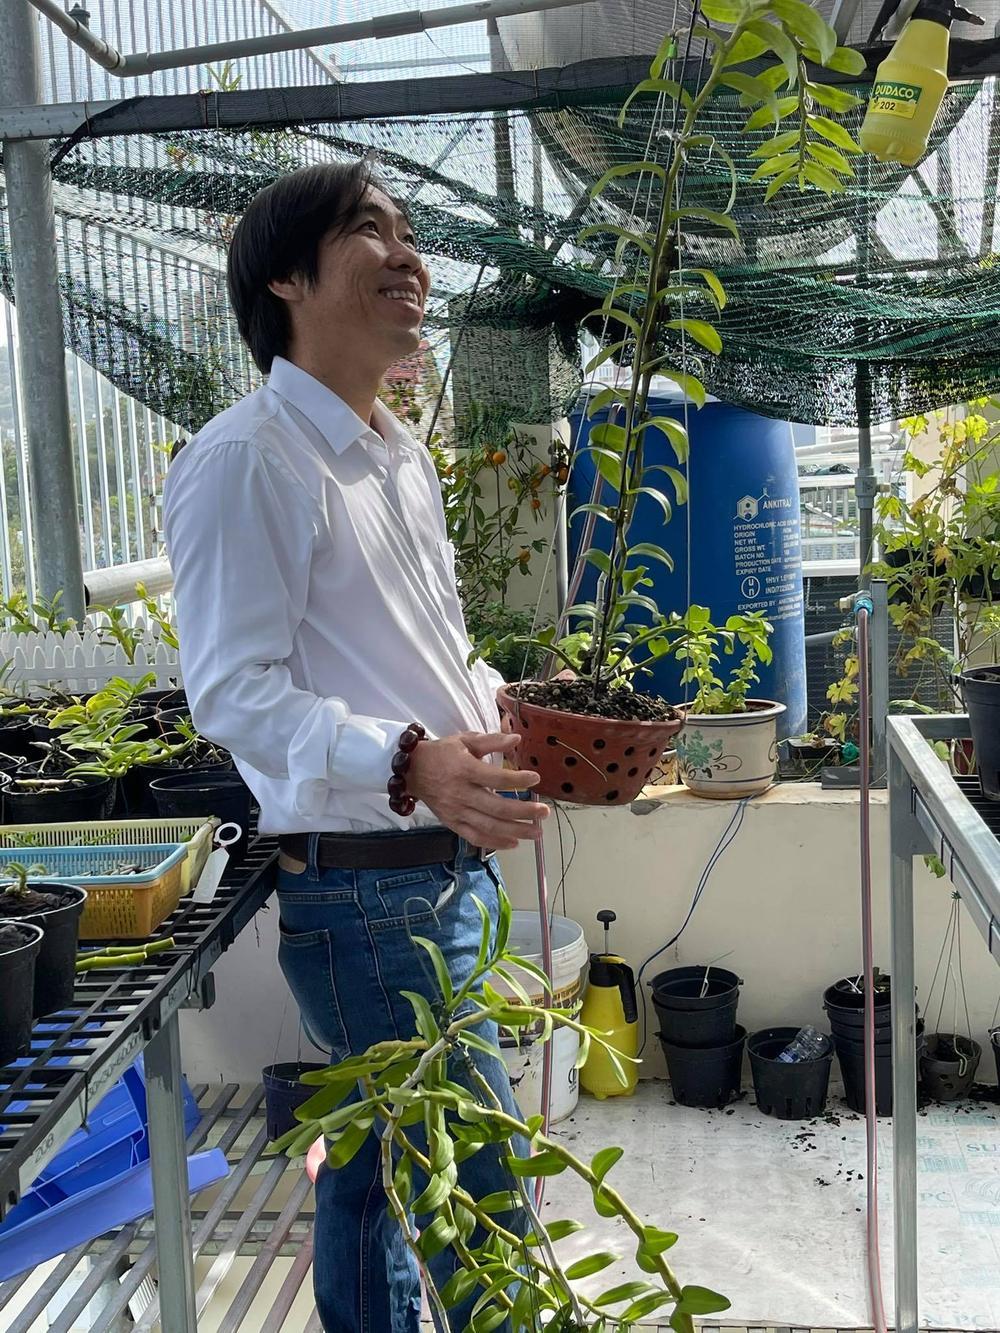 Ông chủ Nguyễn Huy Bình và vườn lan 'khủng' nhiều người ngưỡng mộ Ảnh 4